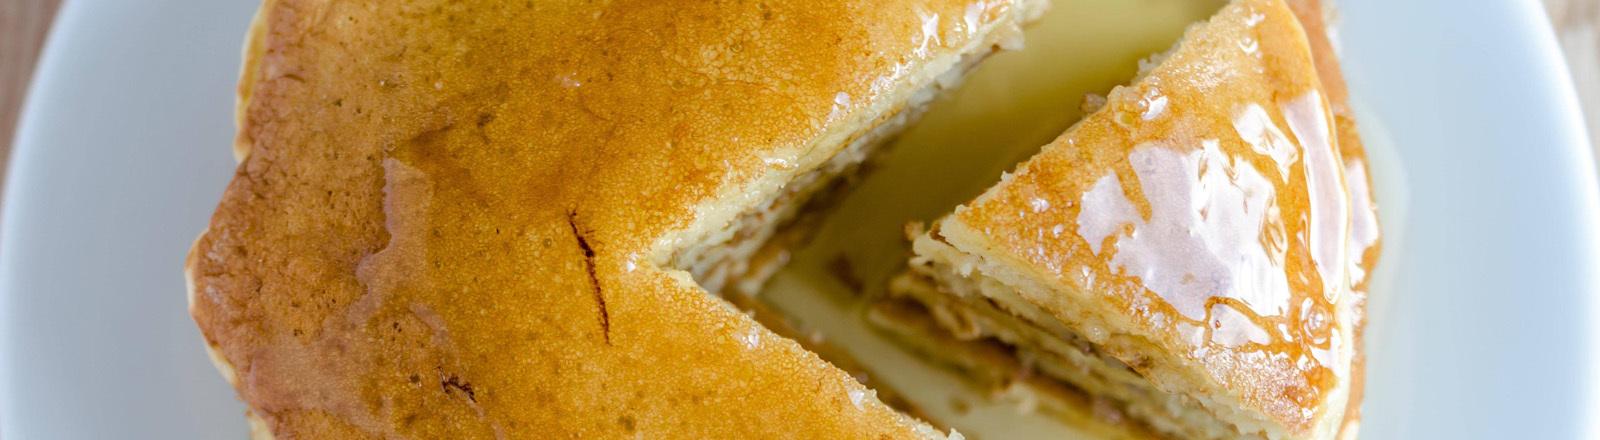 Kuchen aus Crepes